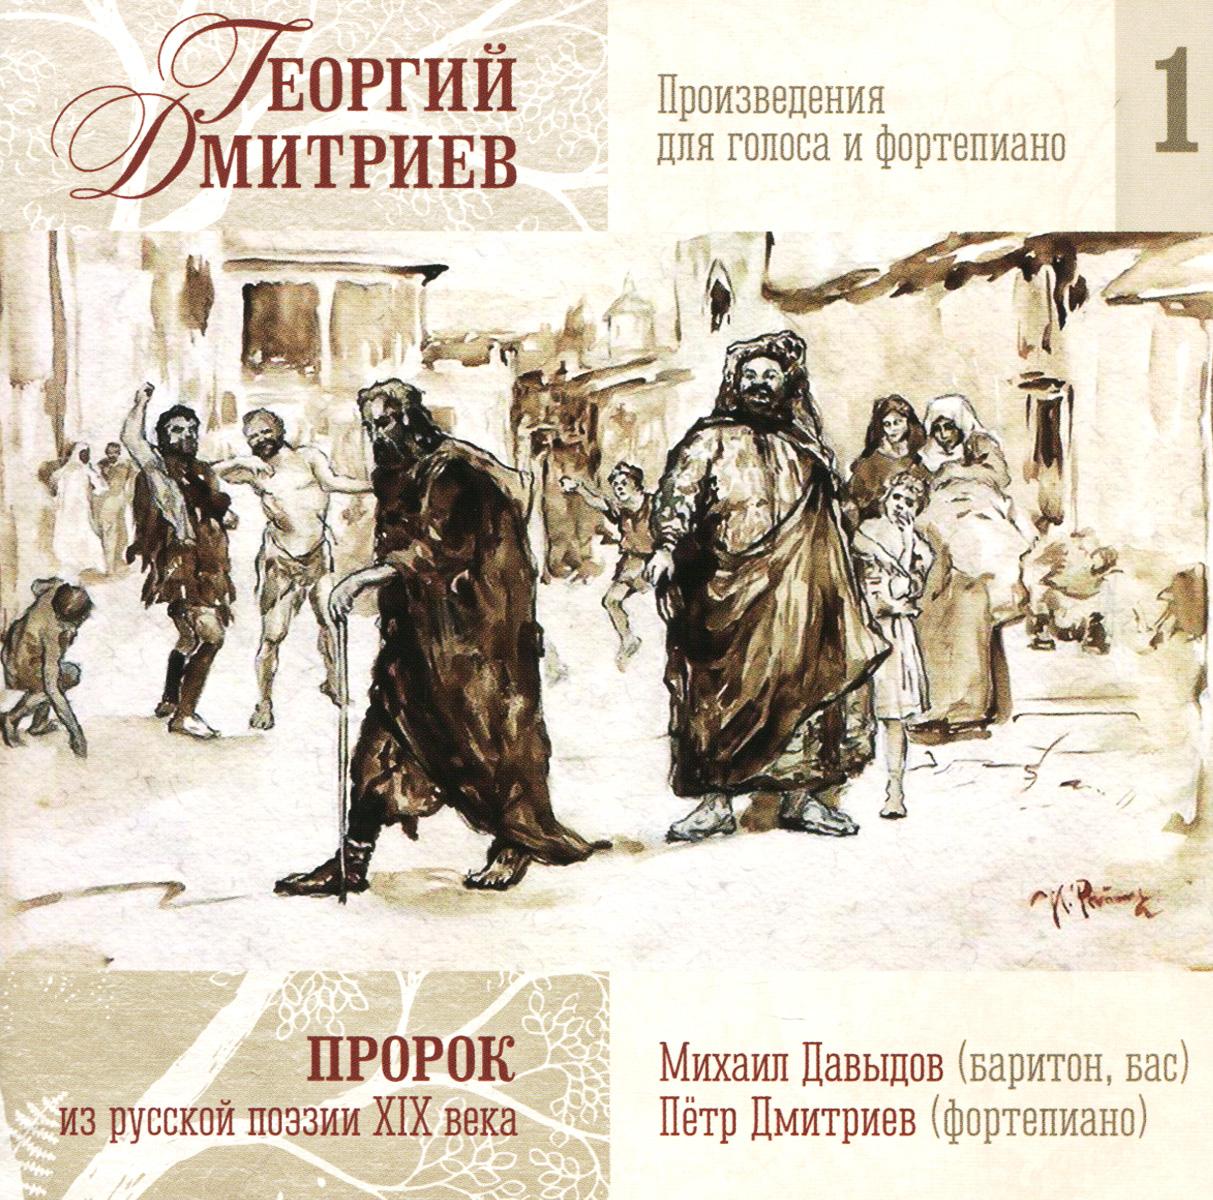 Михаил Давыдов, Петр Дмитриев. Георий Дмитриев. Произведения для голоса и фортепиано